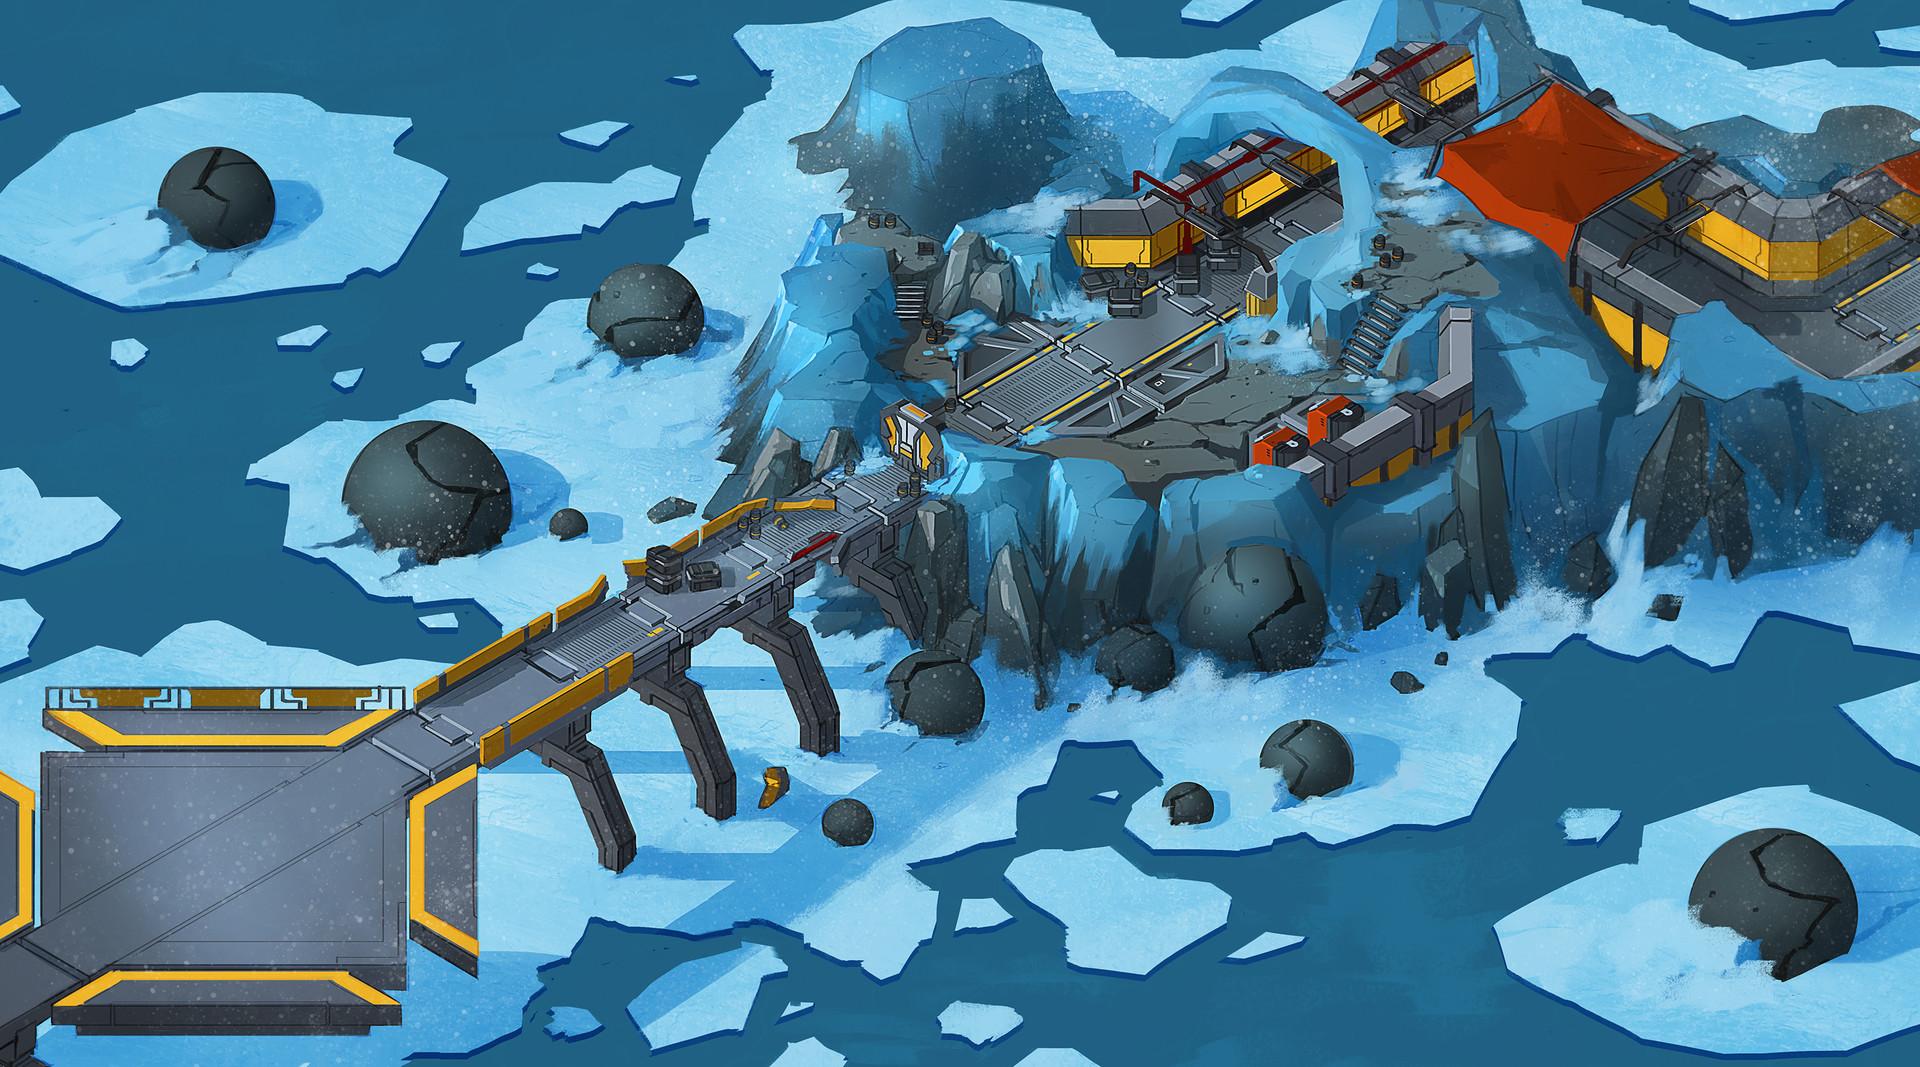 Ice world - Melting!